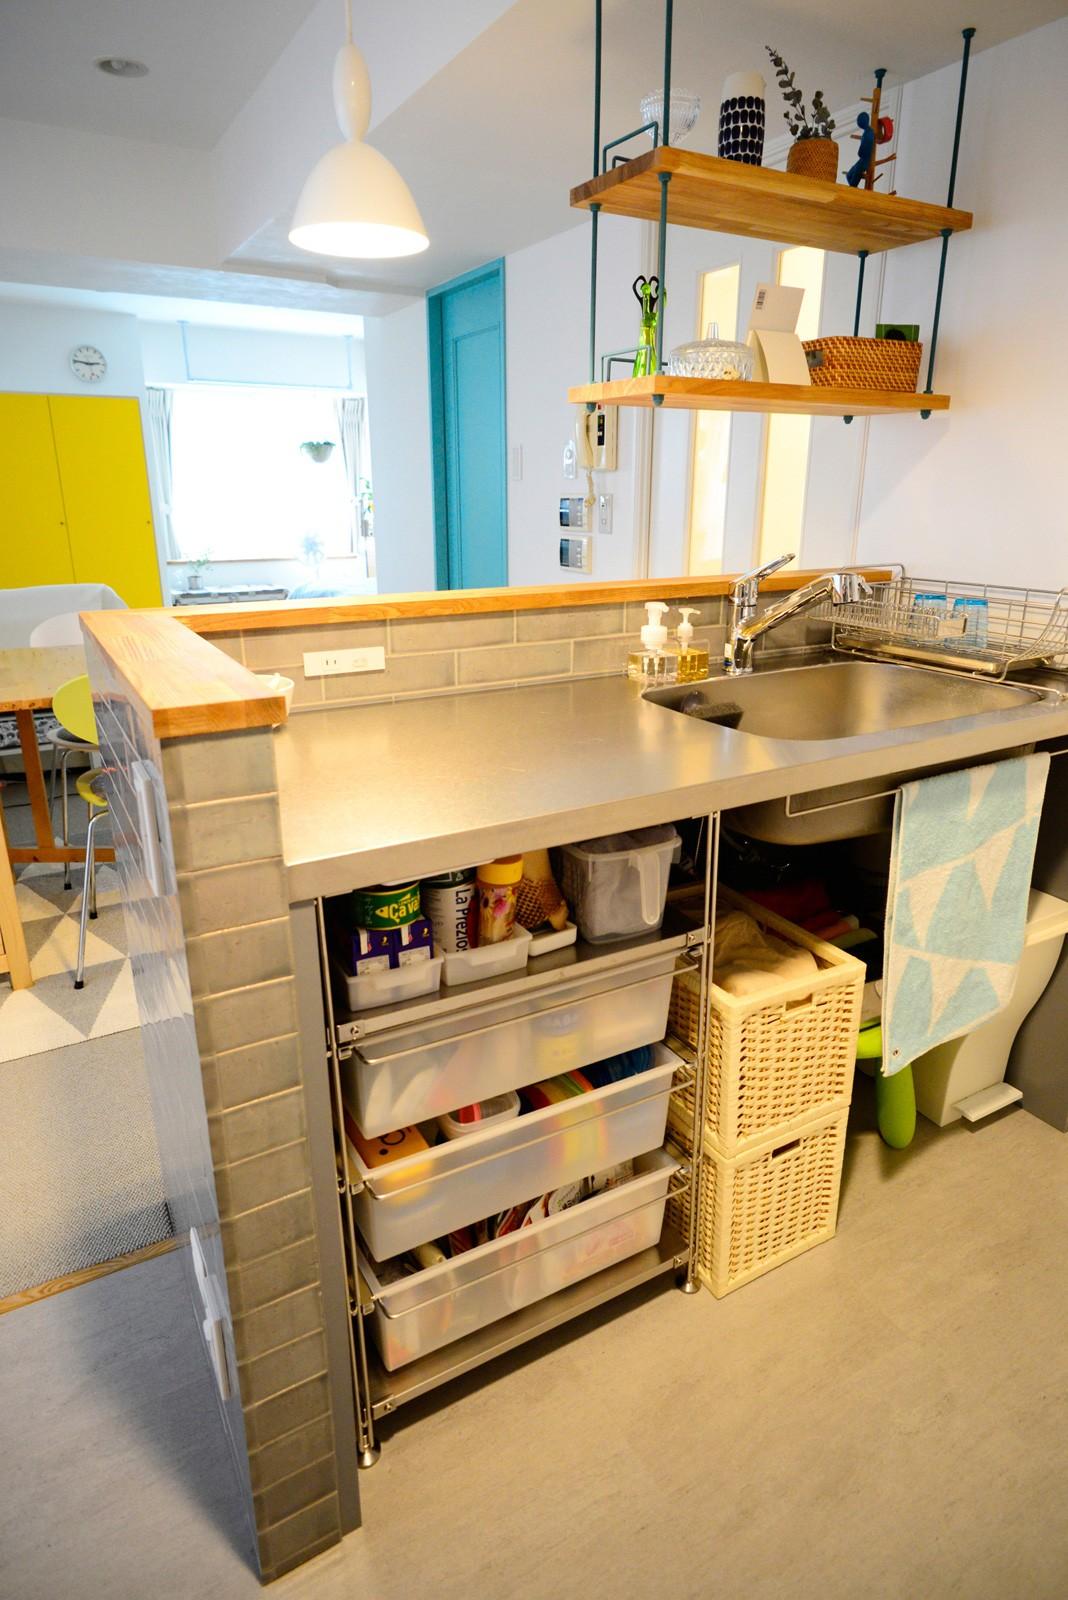 キッチン事例:キッチン(『JIBES』 ― 変えないリノベーション)